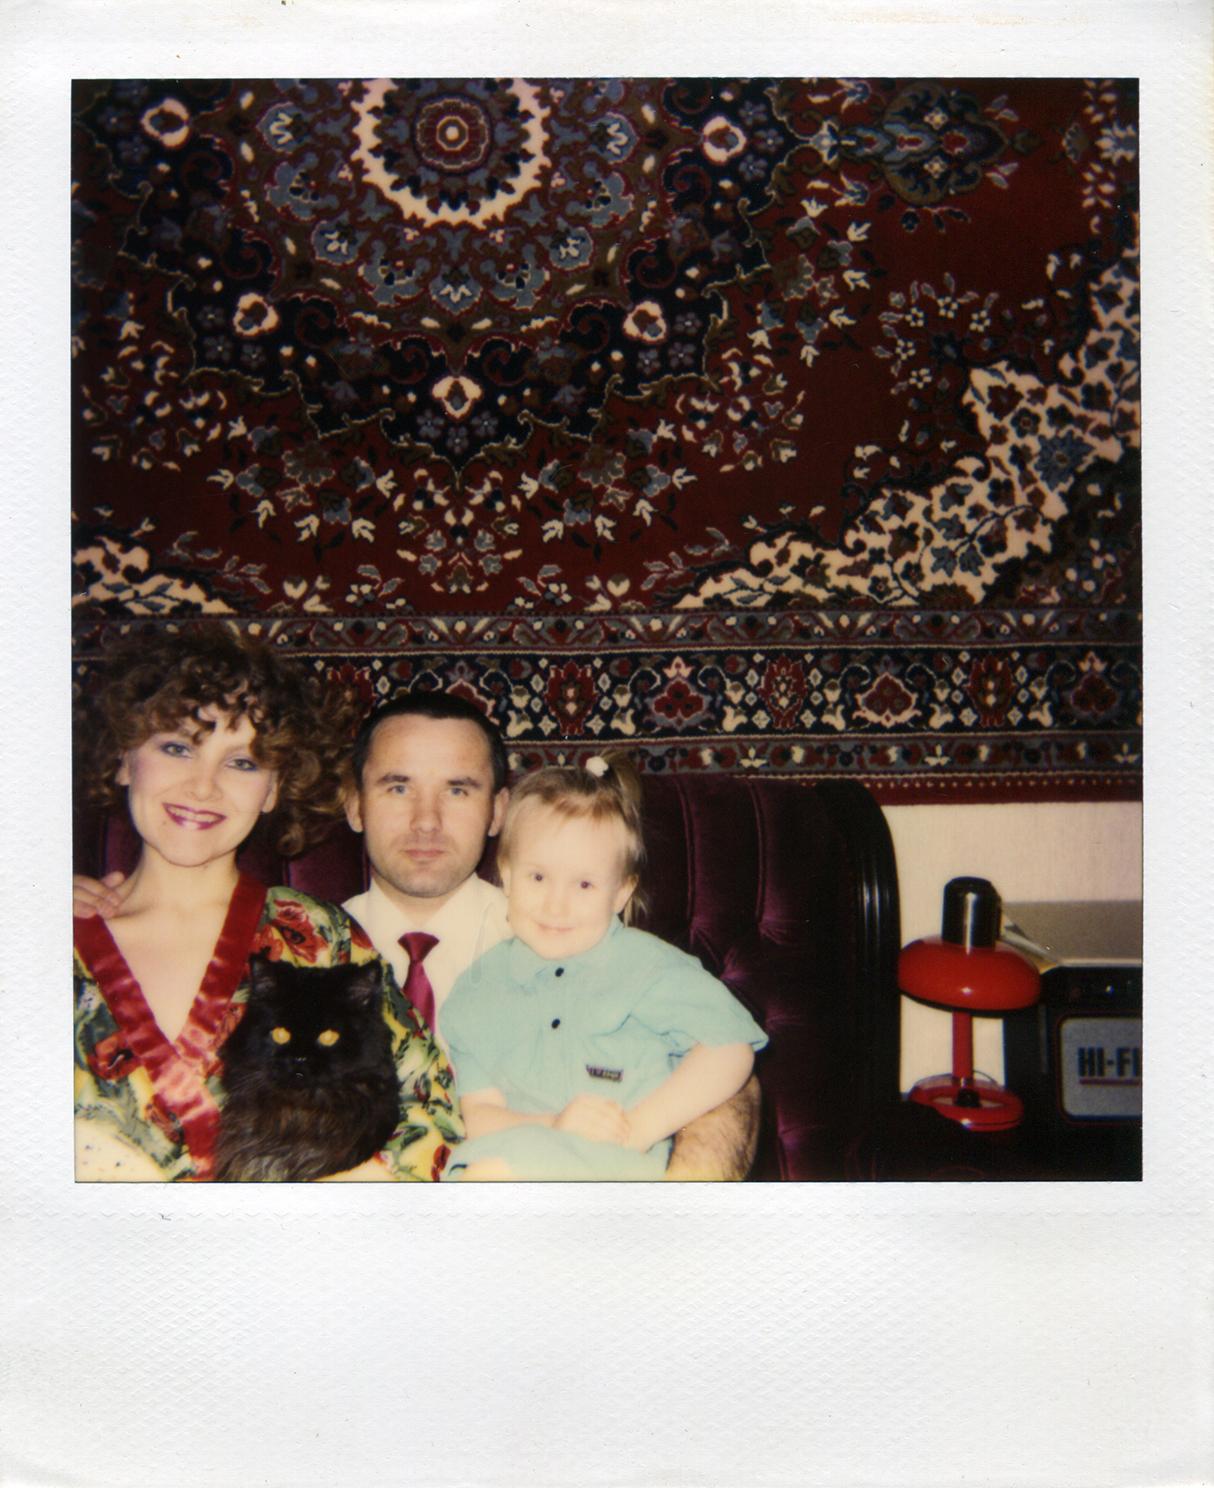 Polaroid_1993_Polina_Shubkina-026 copy.jpg